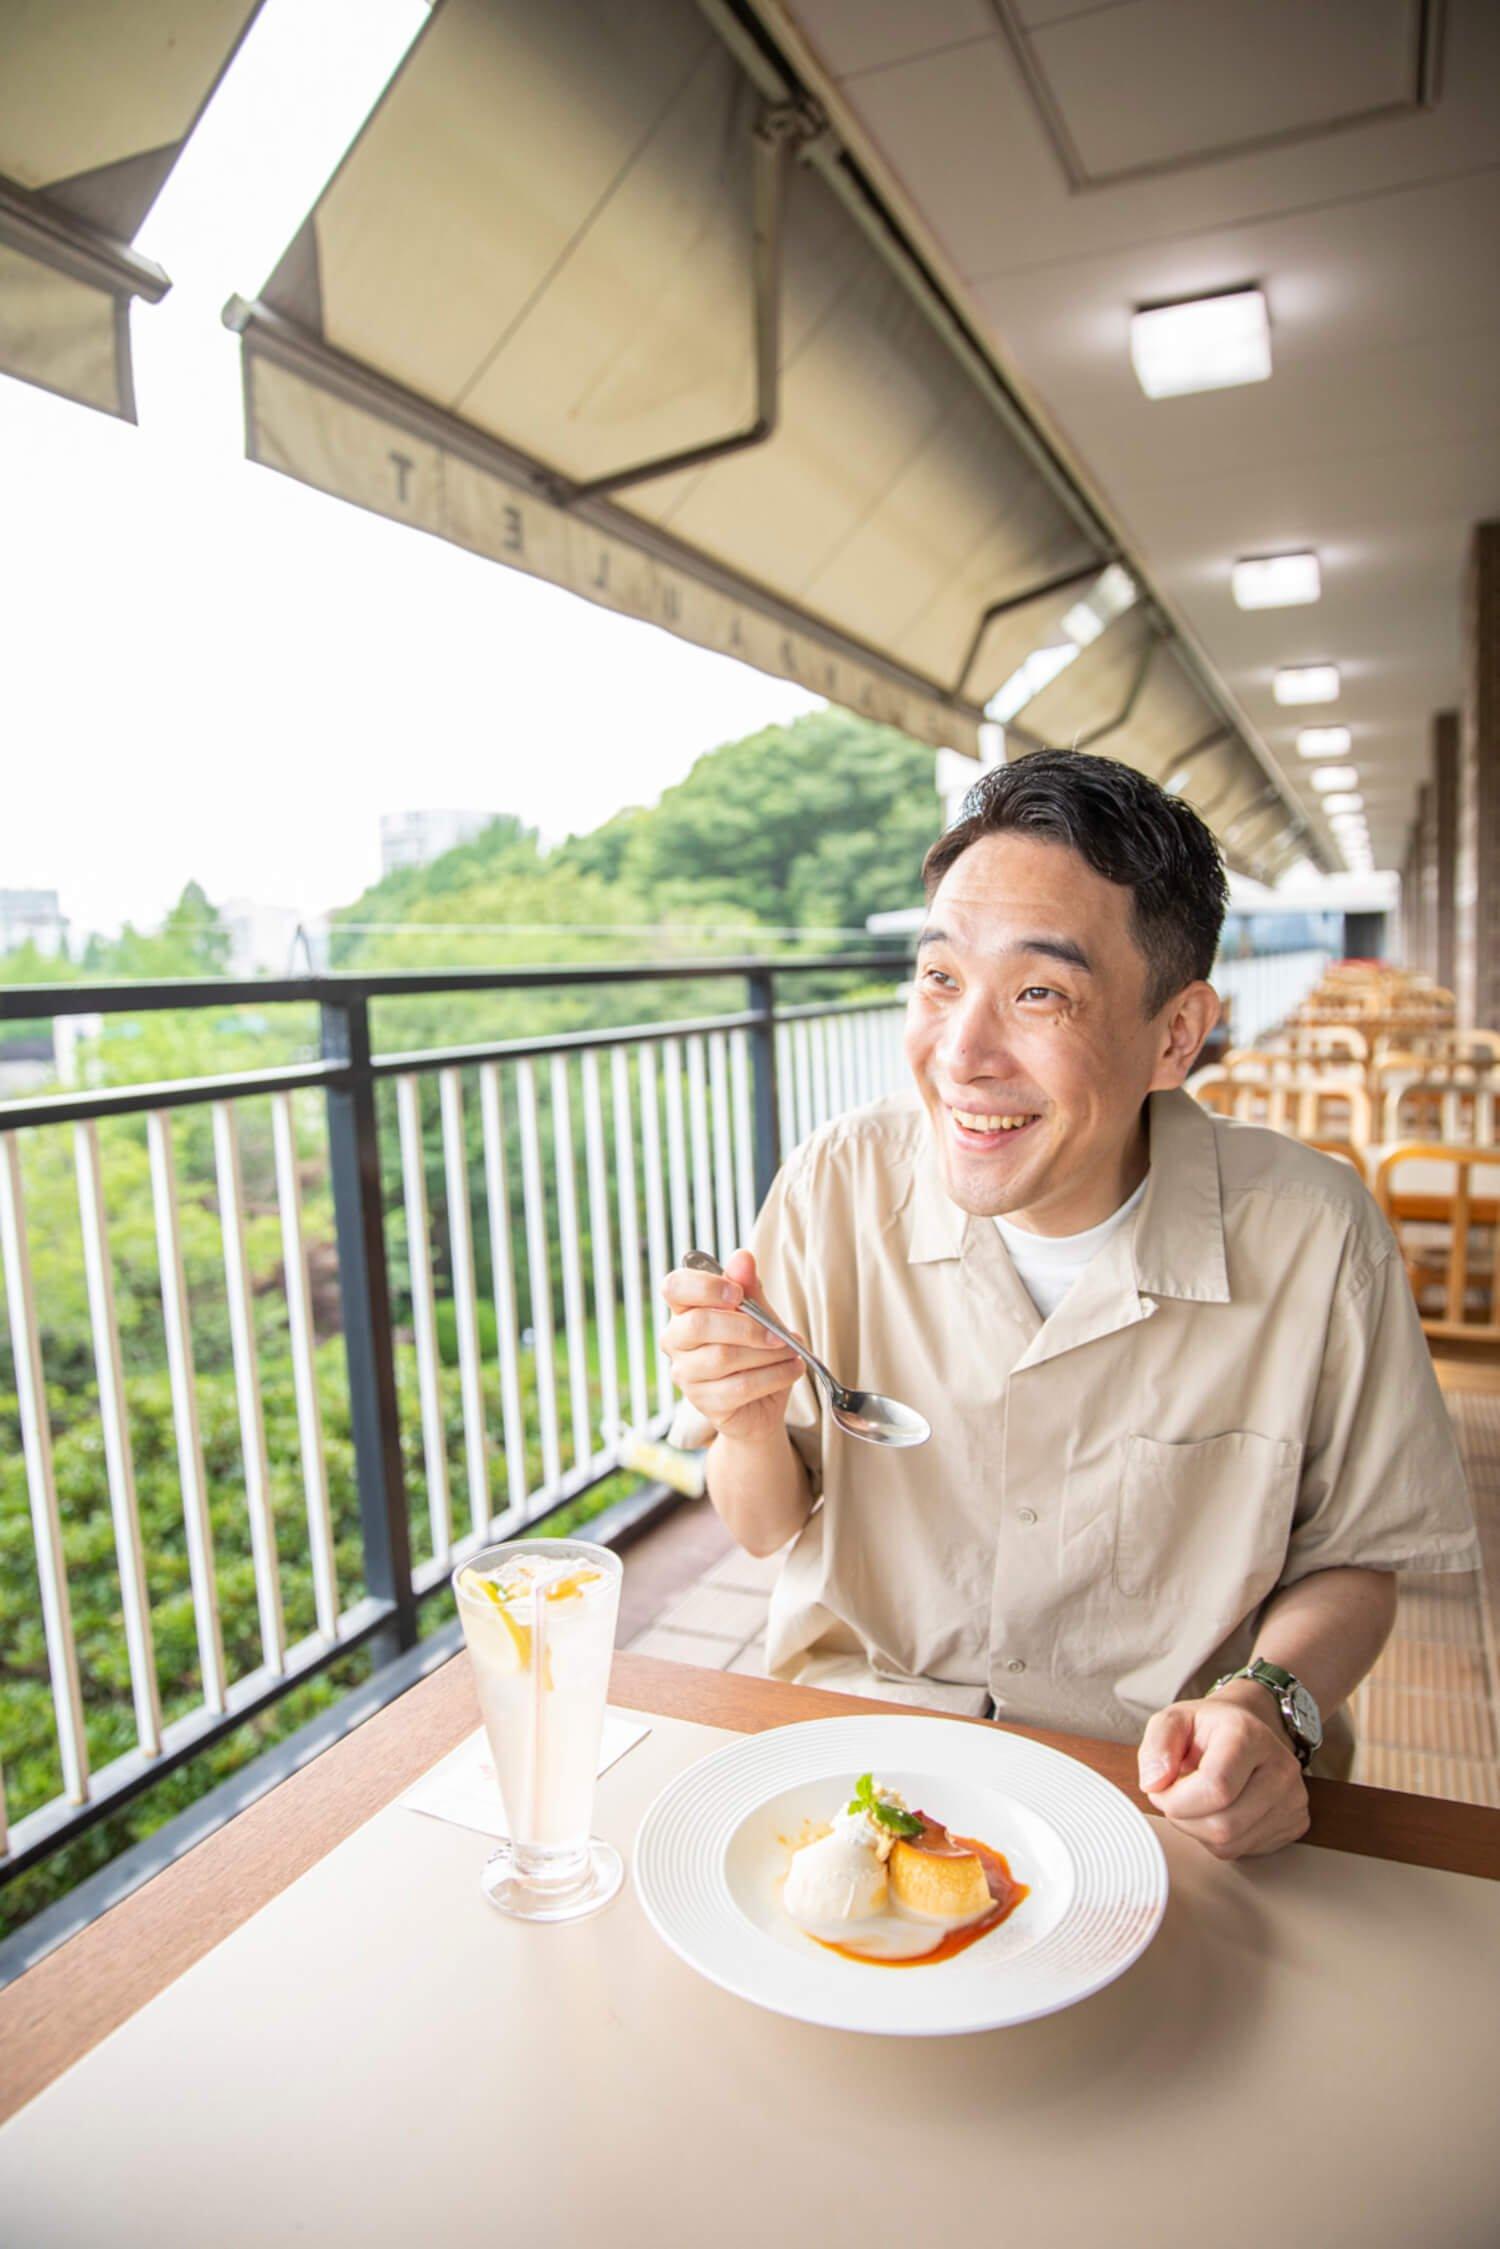 『上野精養軒 カフェラン ランドーレ』。「上野でお見合いならやっぱりここでしょ」「銀座通りを走る都電、 見たいですねぇ!」。